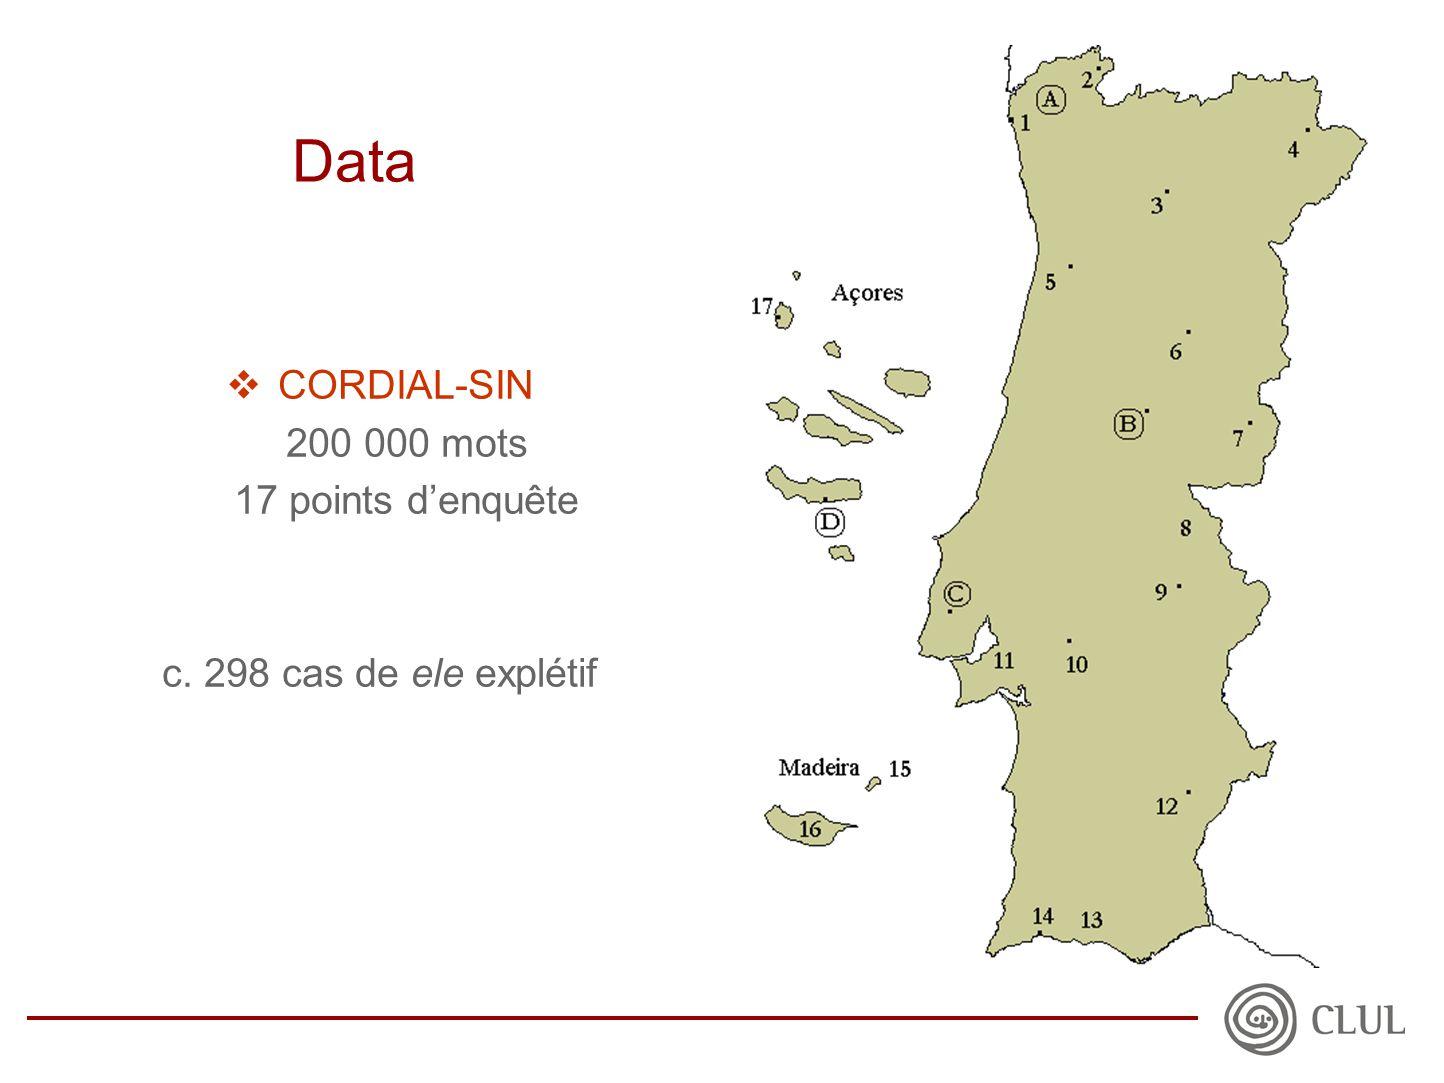  CORDIAL-SIN 200 000 mots 17 points d'enquête c. 298 cas de ele explétif Data